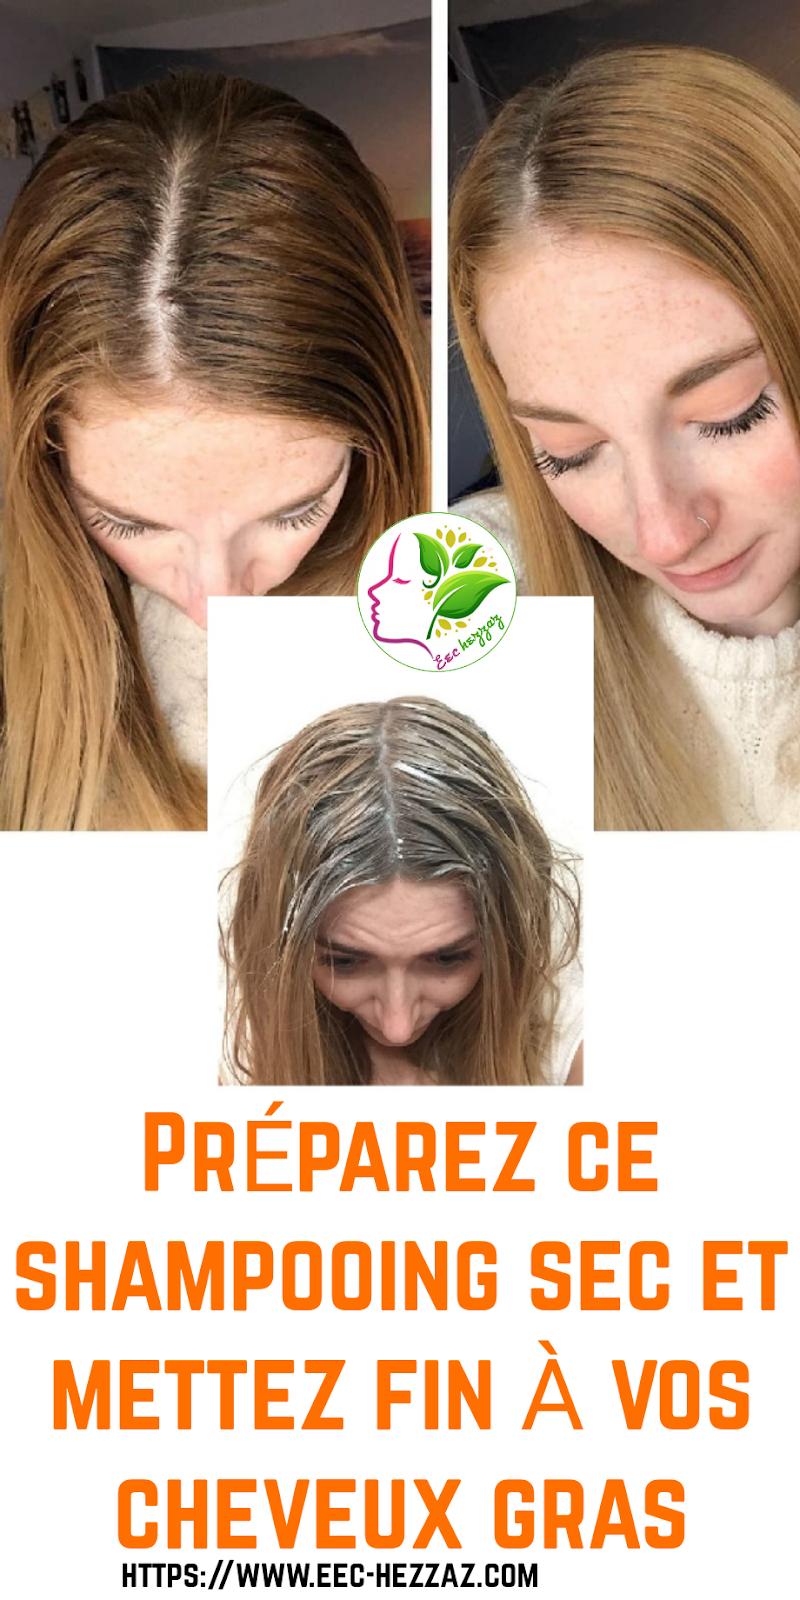 Préparez ce shampooing sec et mettez fin à vos cheveux gras